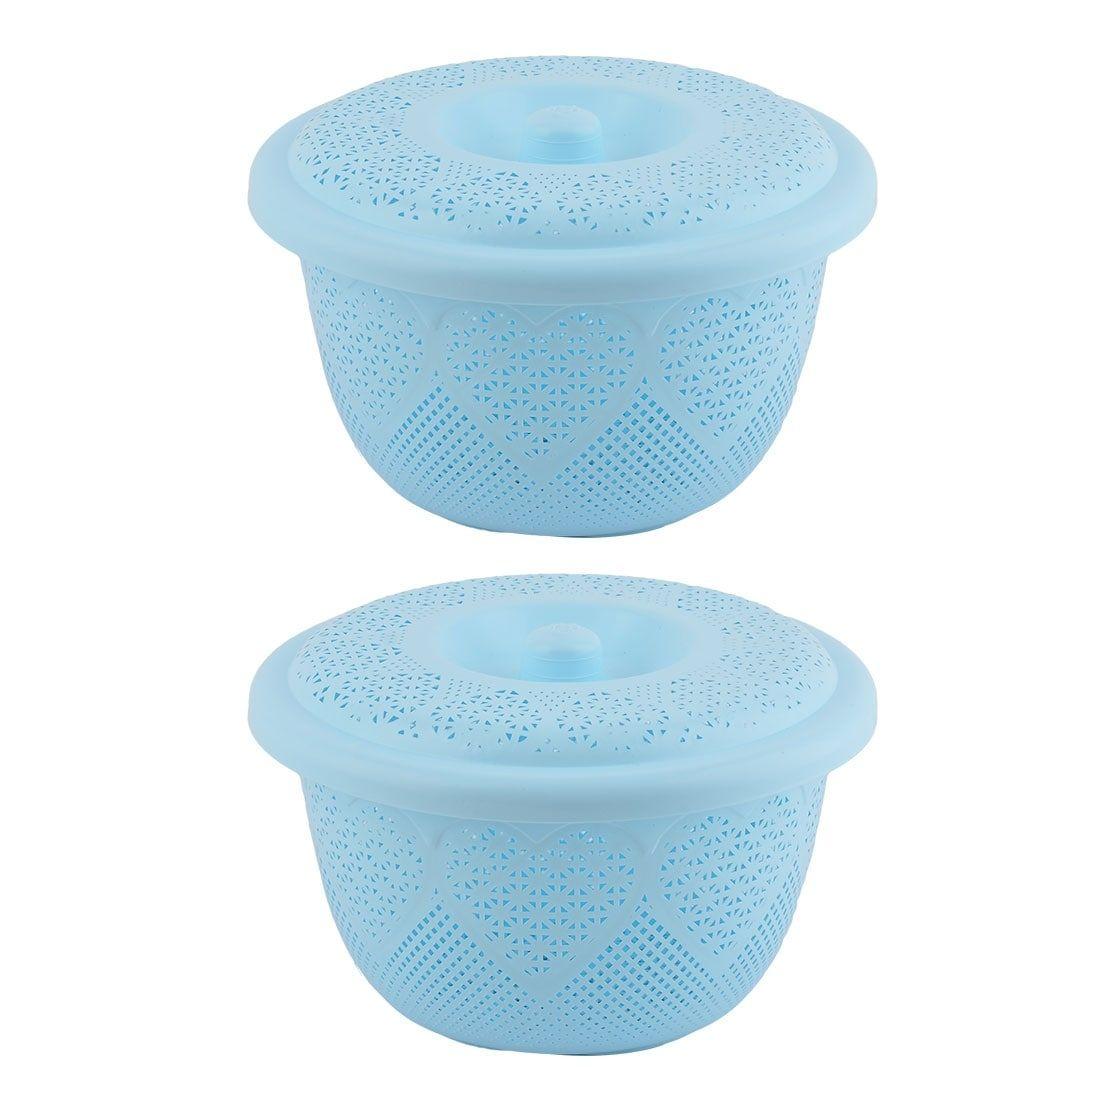 Home Plastic Fruit Vegetable Washing Colander Strainer Basket Light Blue 2 Pcs